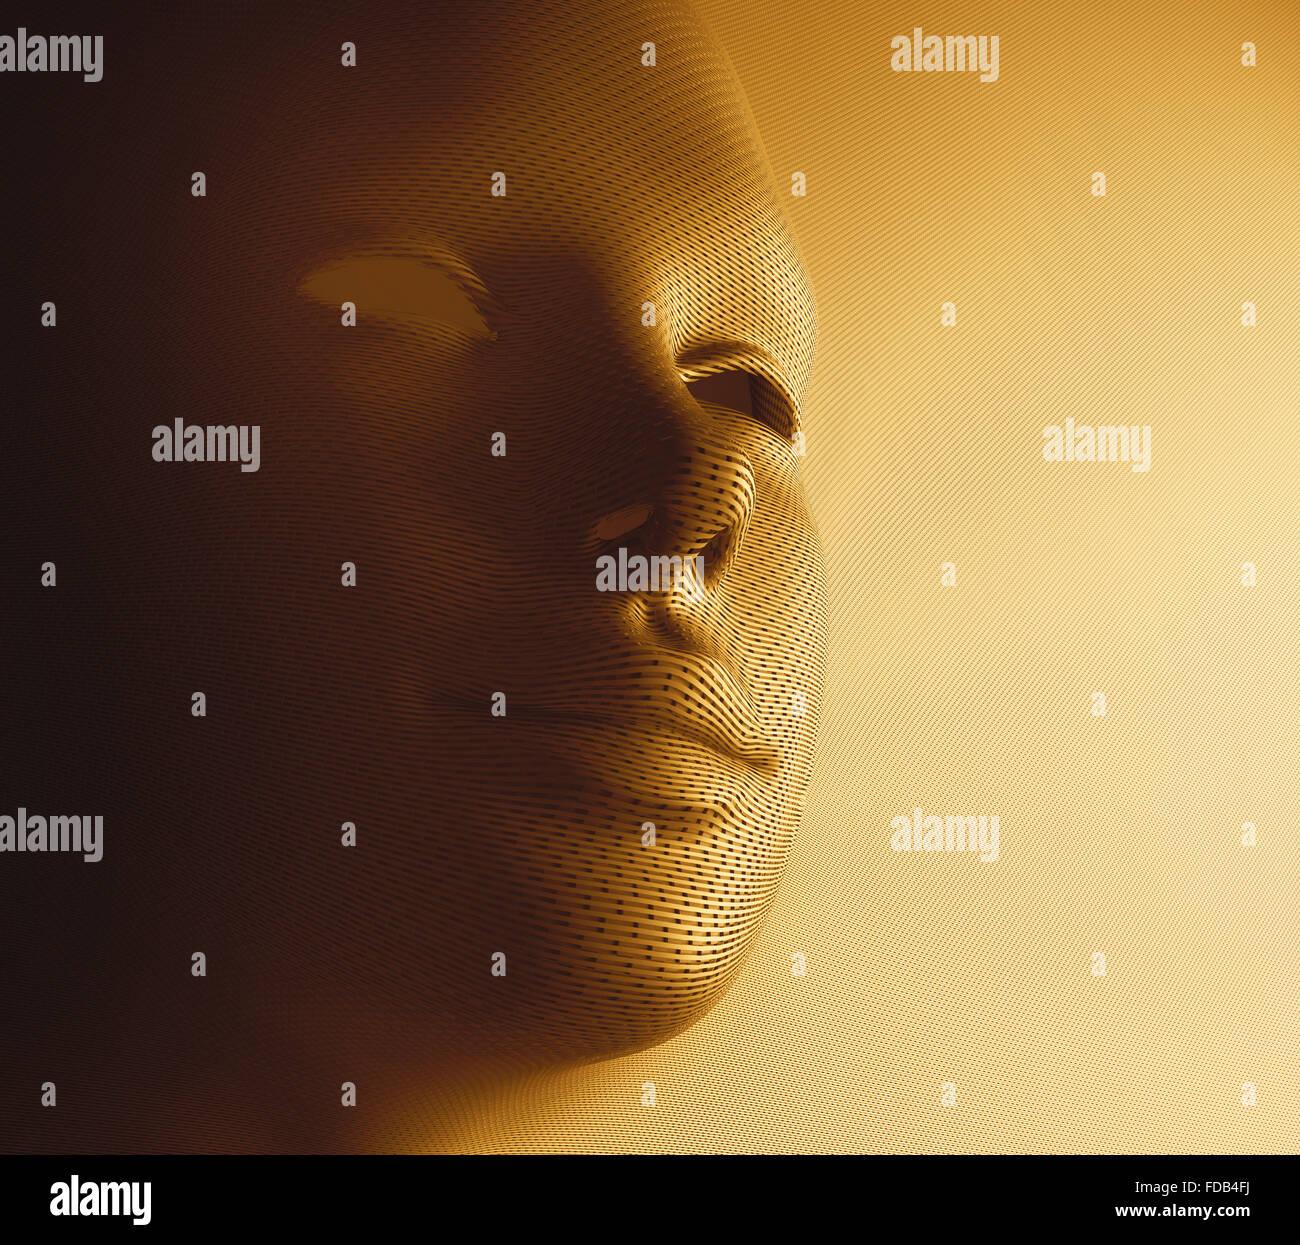 Texturados de rostro humano en formato máscara de oro. Imagen De Stock